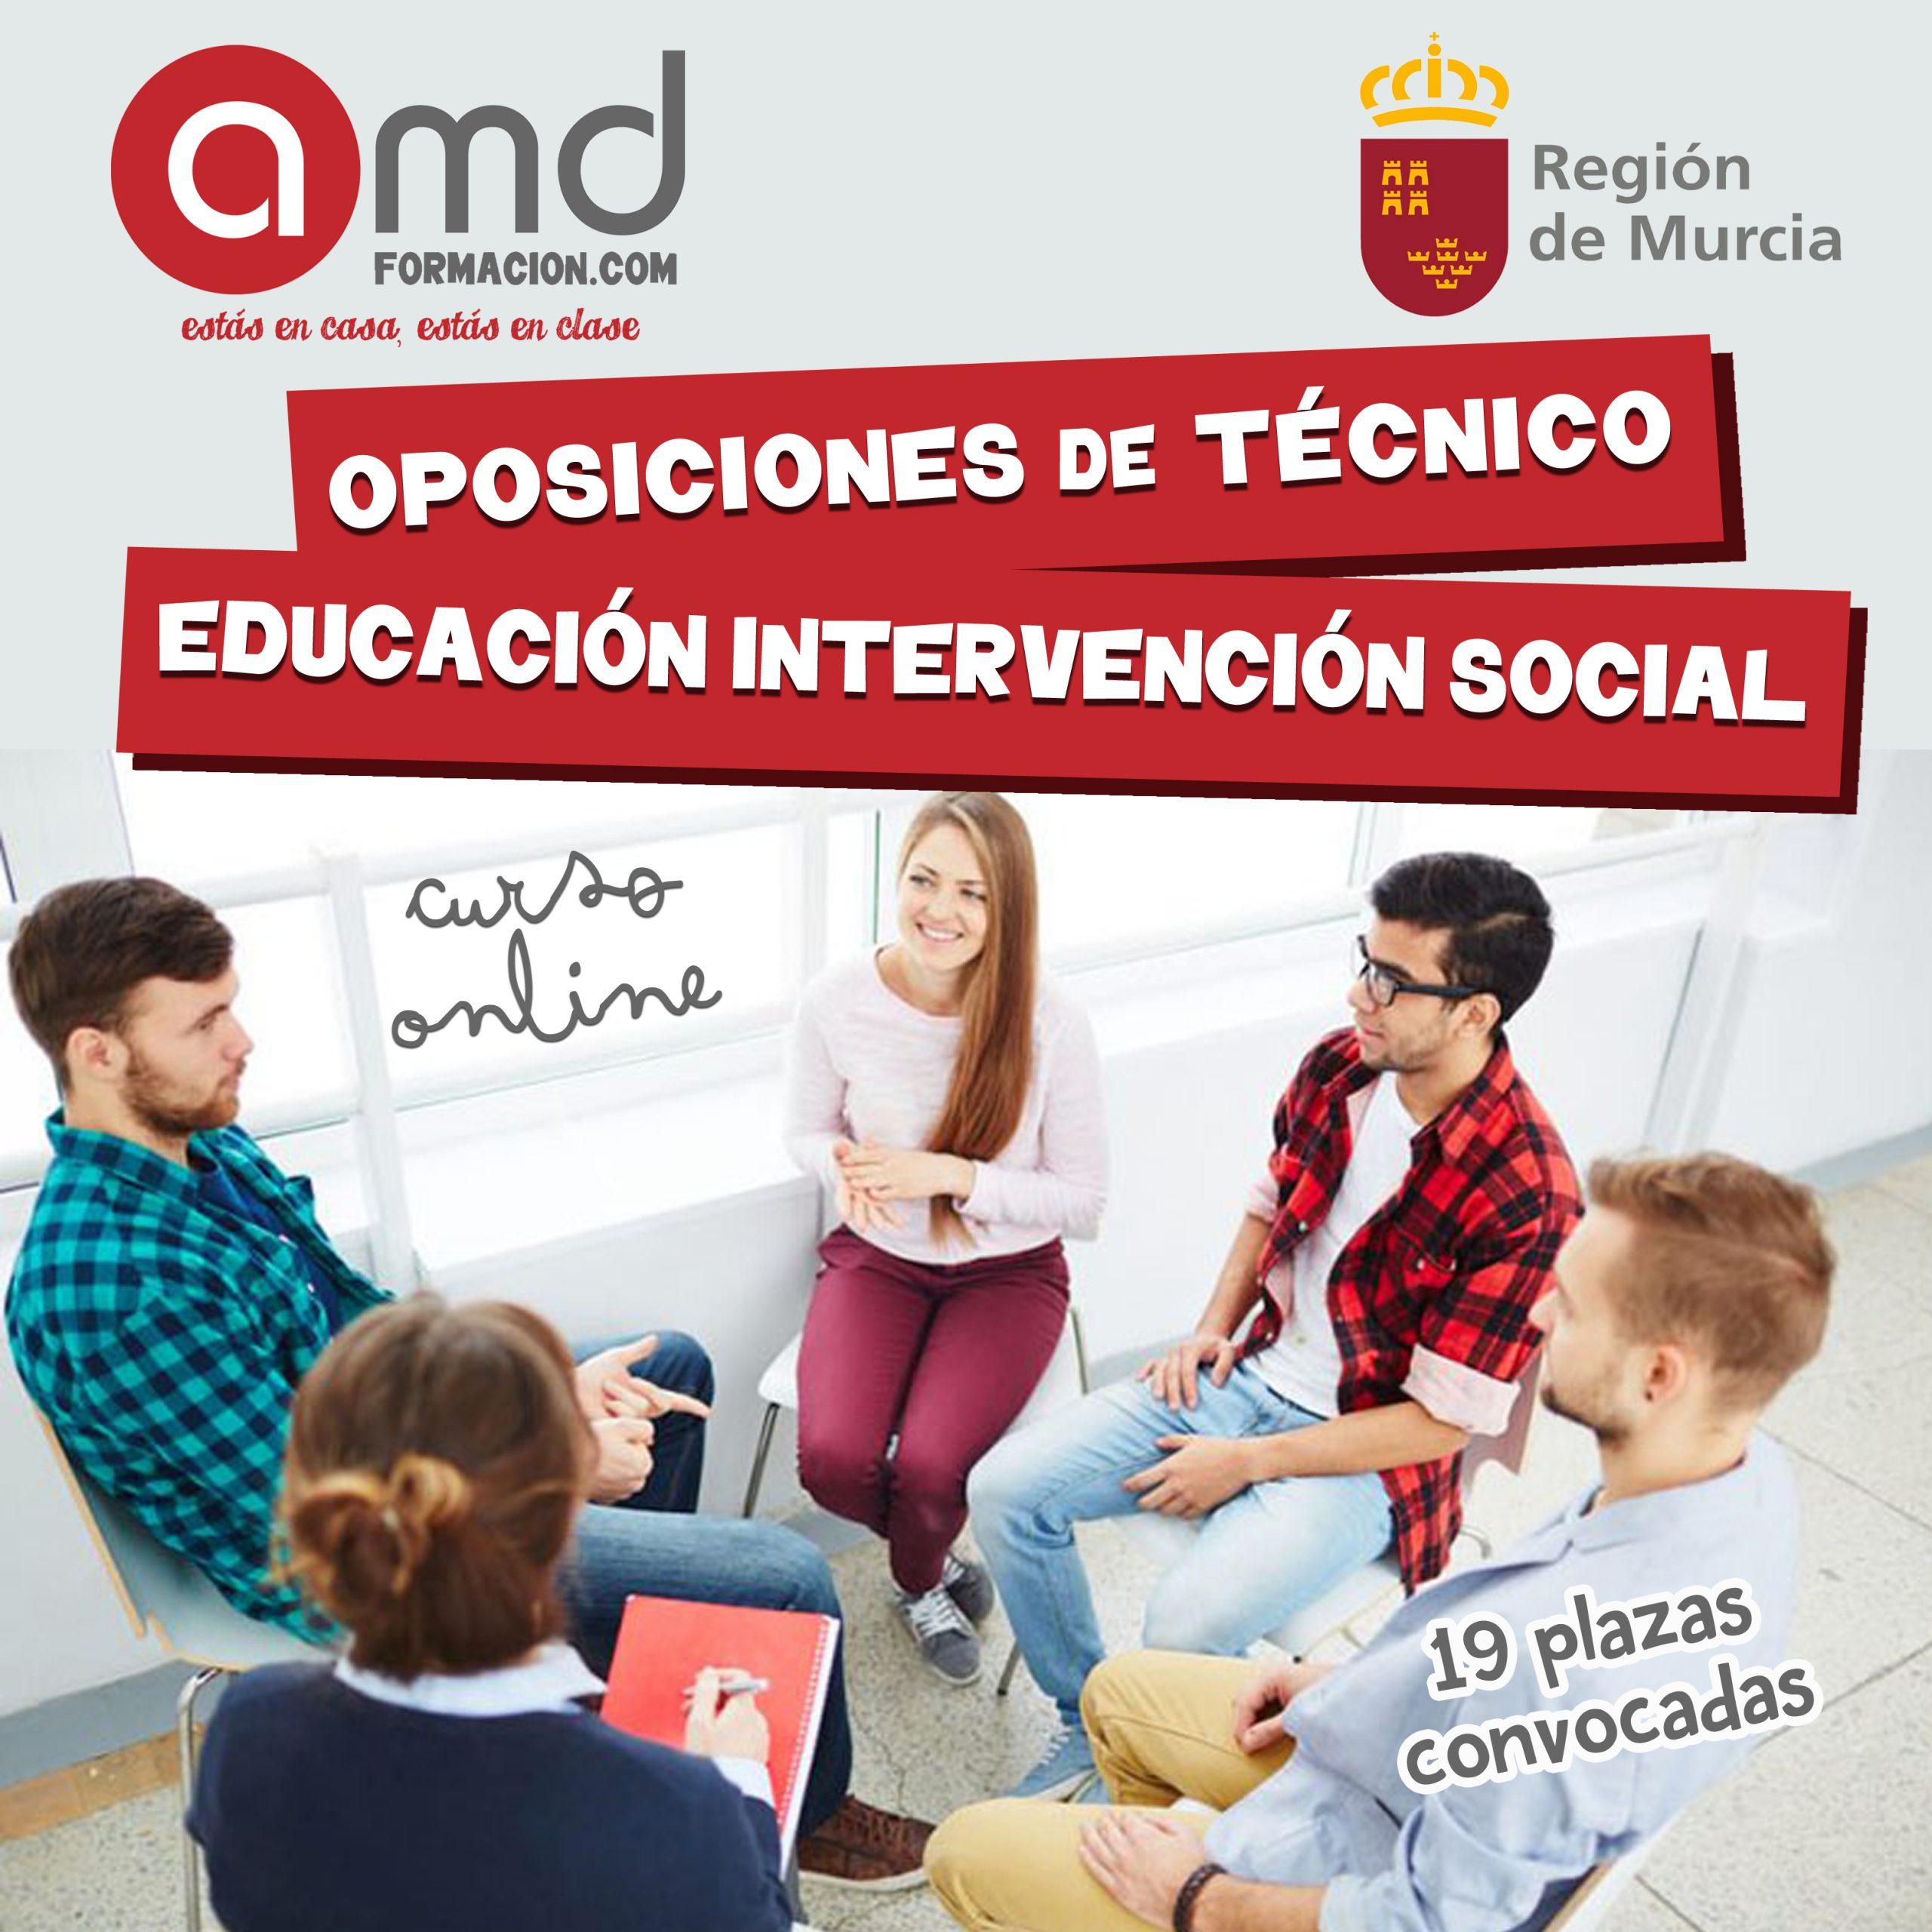 Técnico Edución Intervención Social Murcia